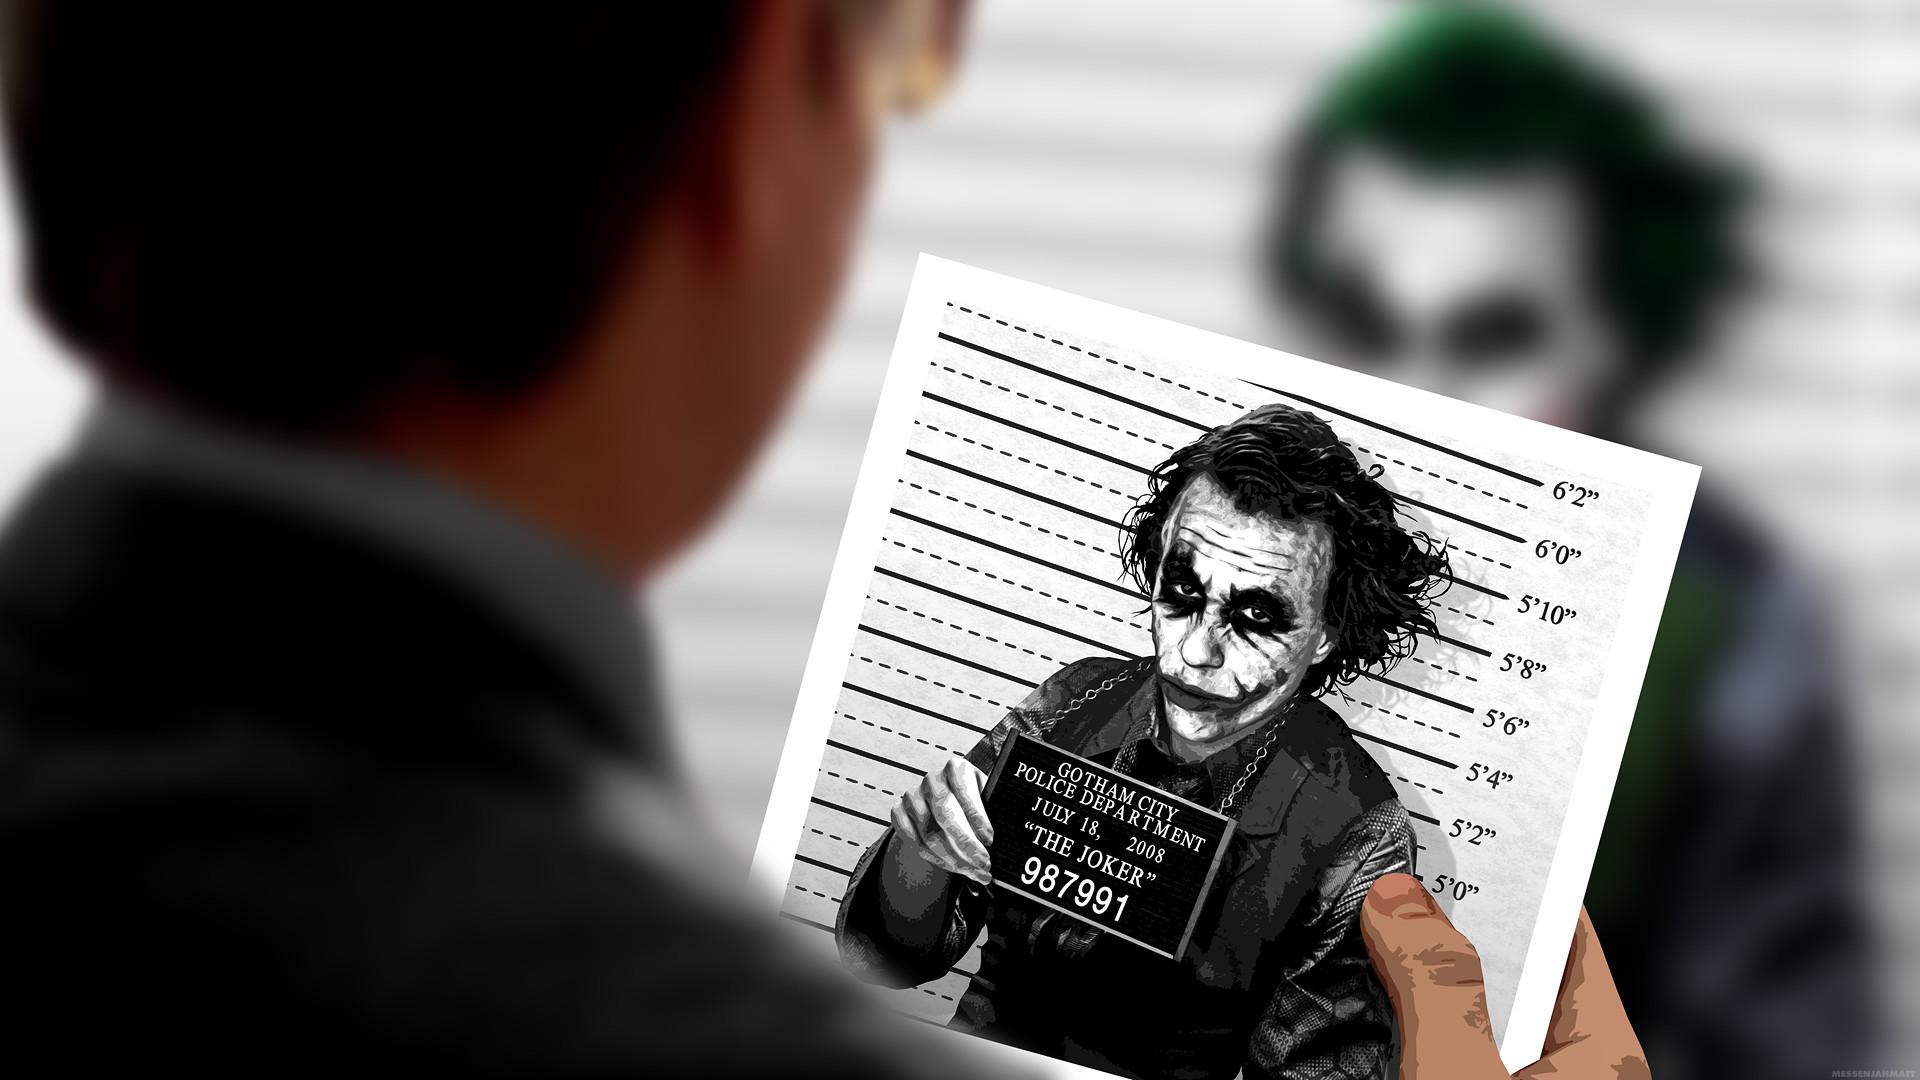 The Joker Wallpaper 2017 The Joker Wallpaper Android